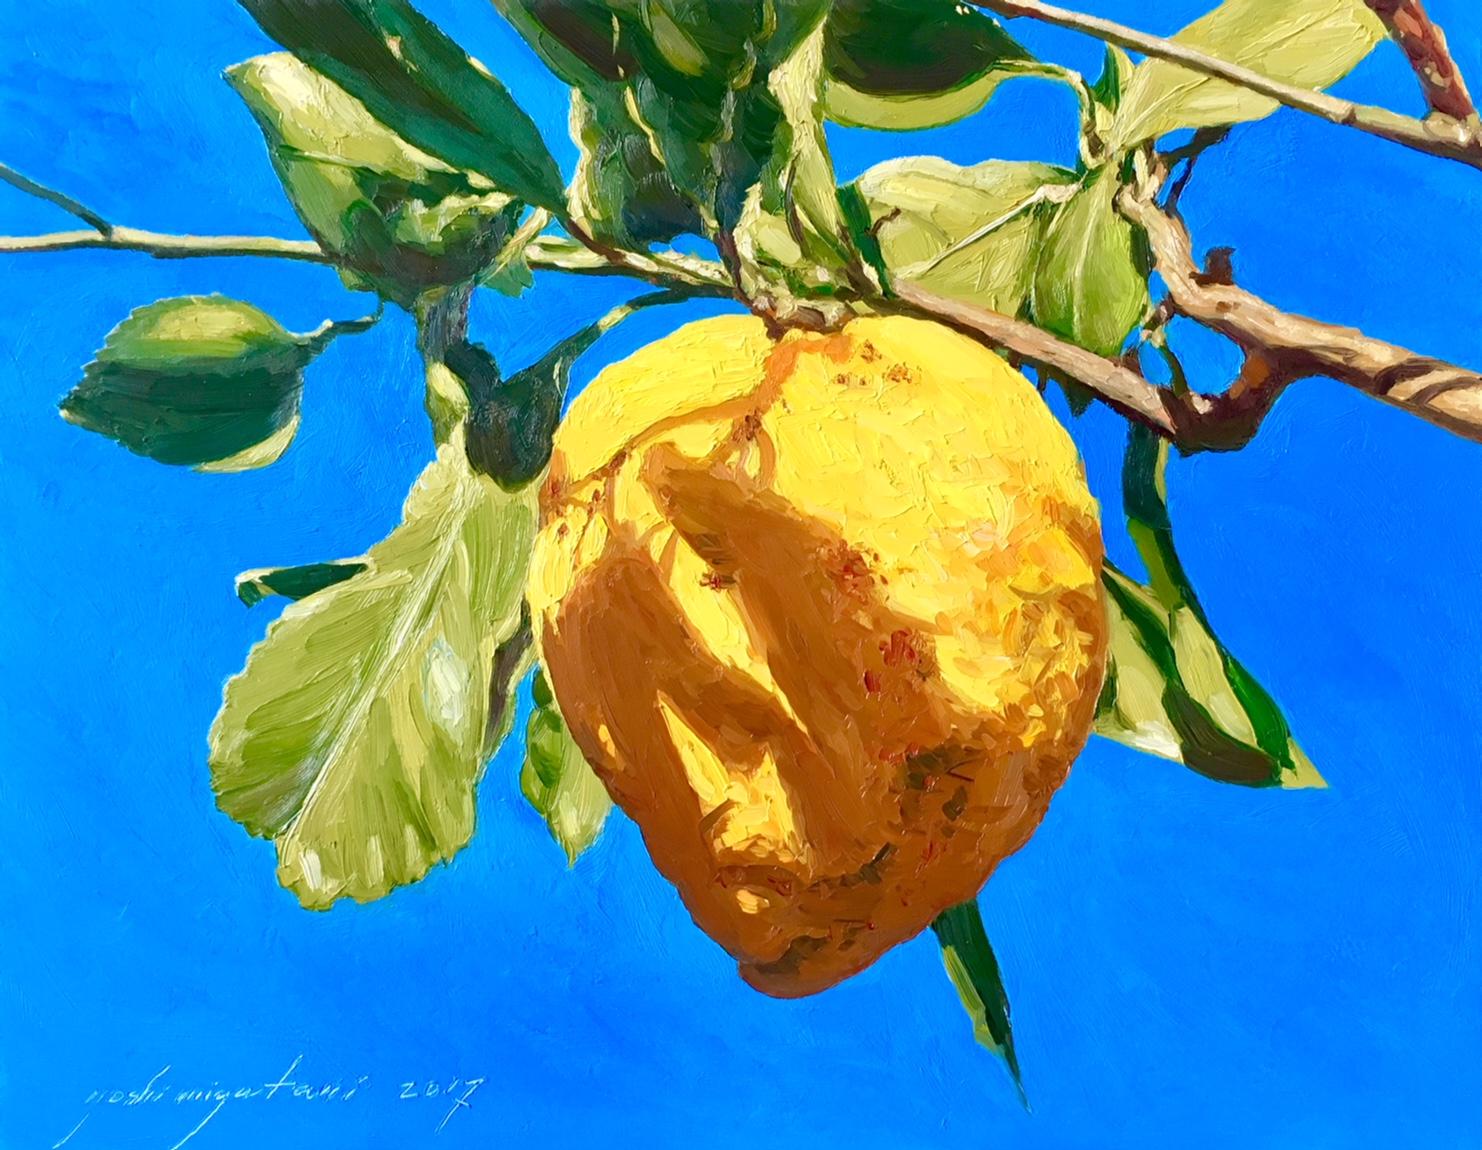 Lemon in the Sun, 2017